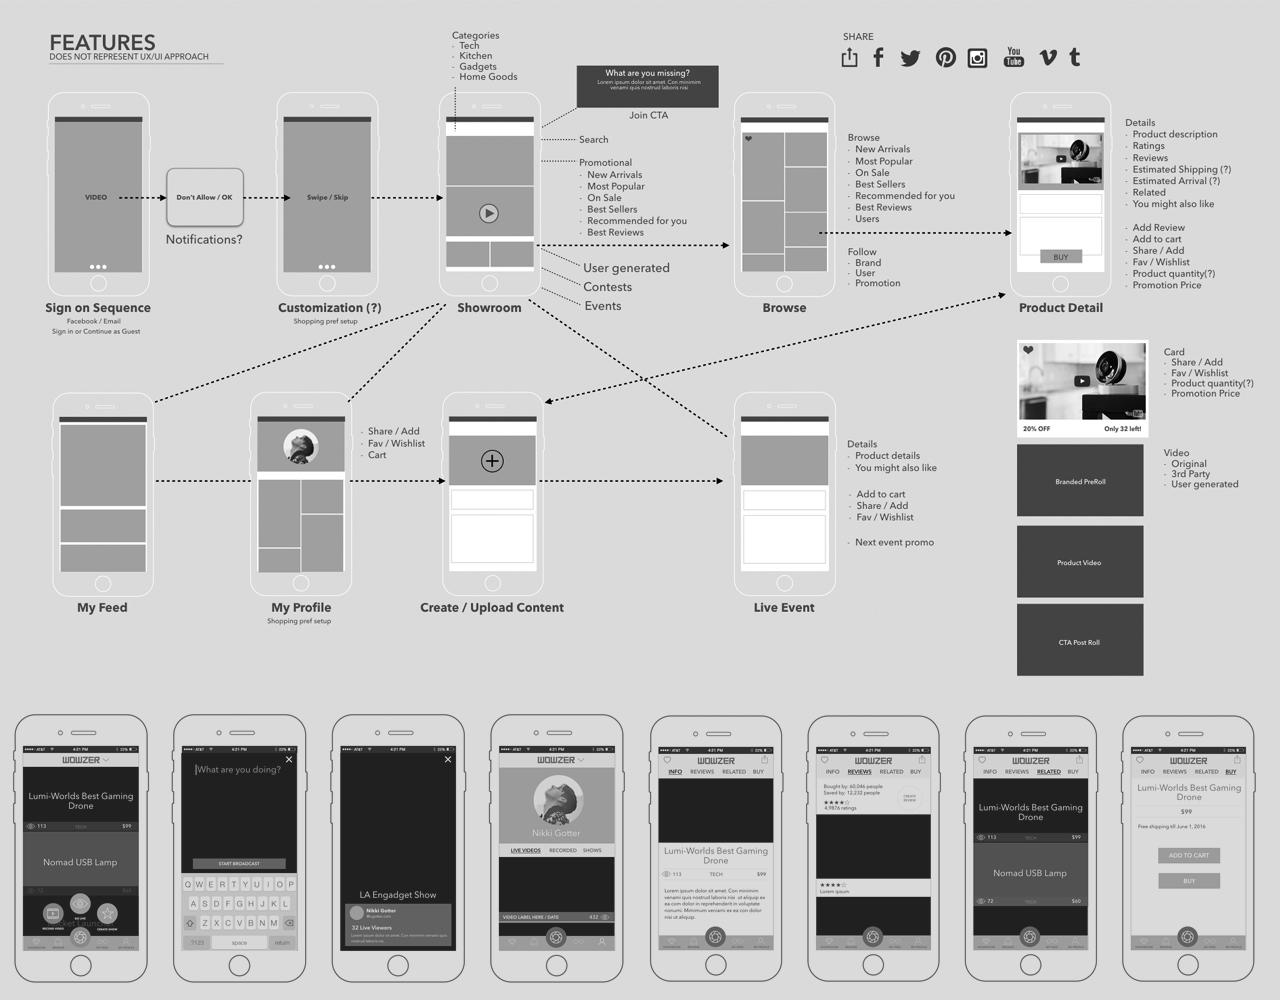 Bantr-Flows.jpg